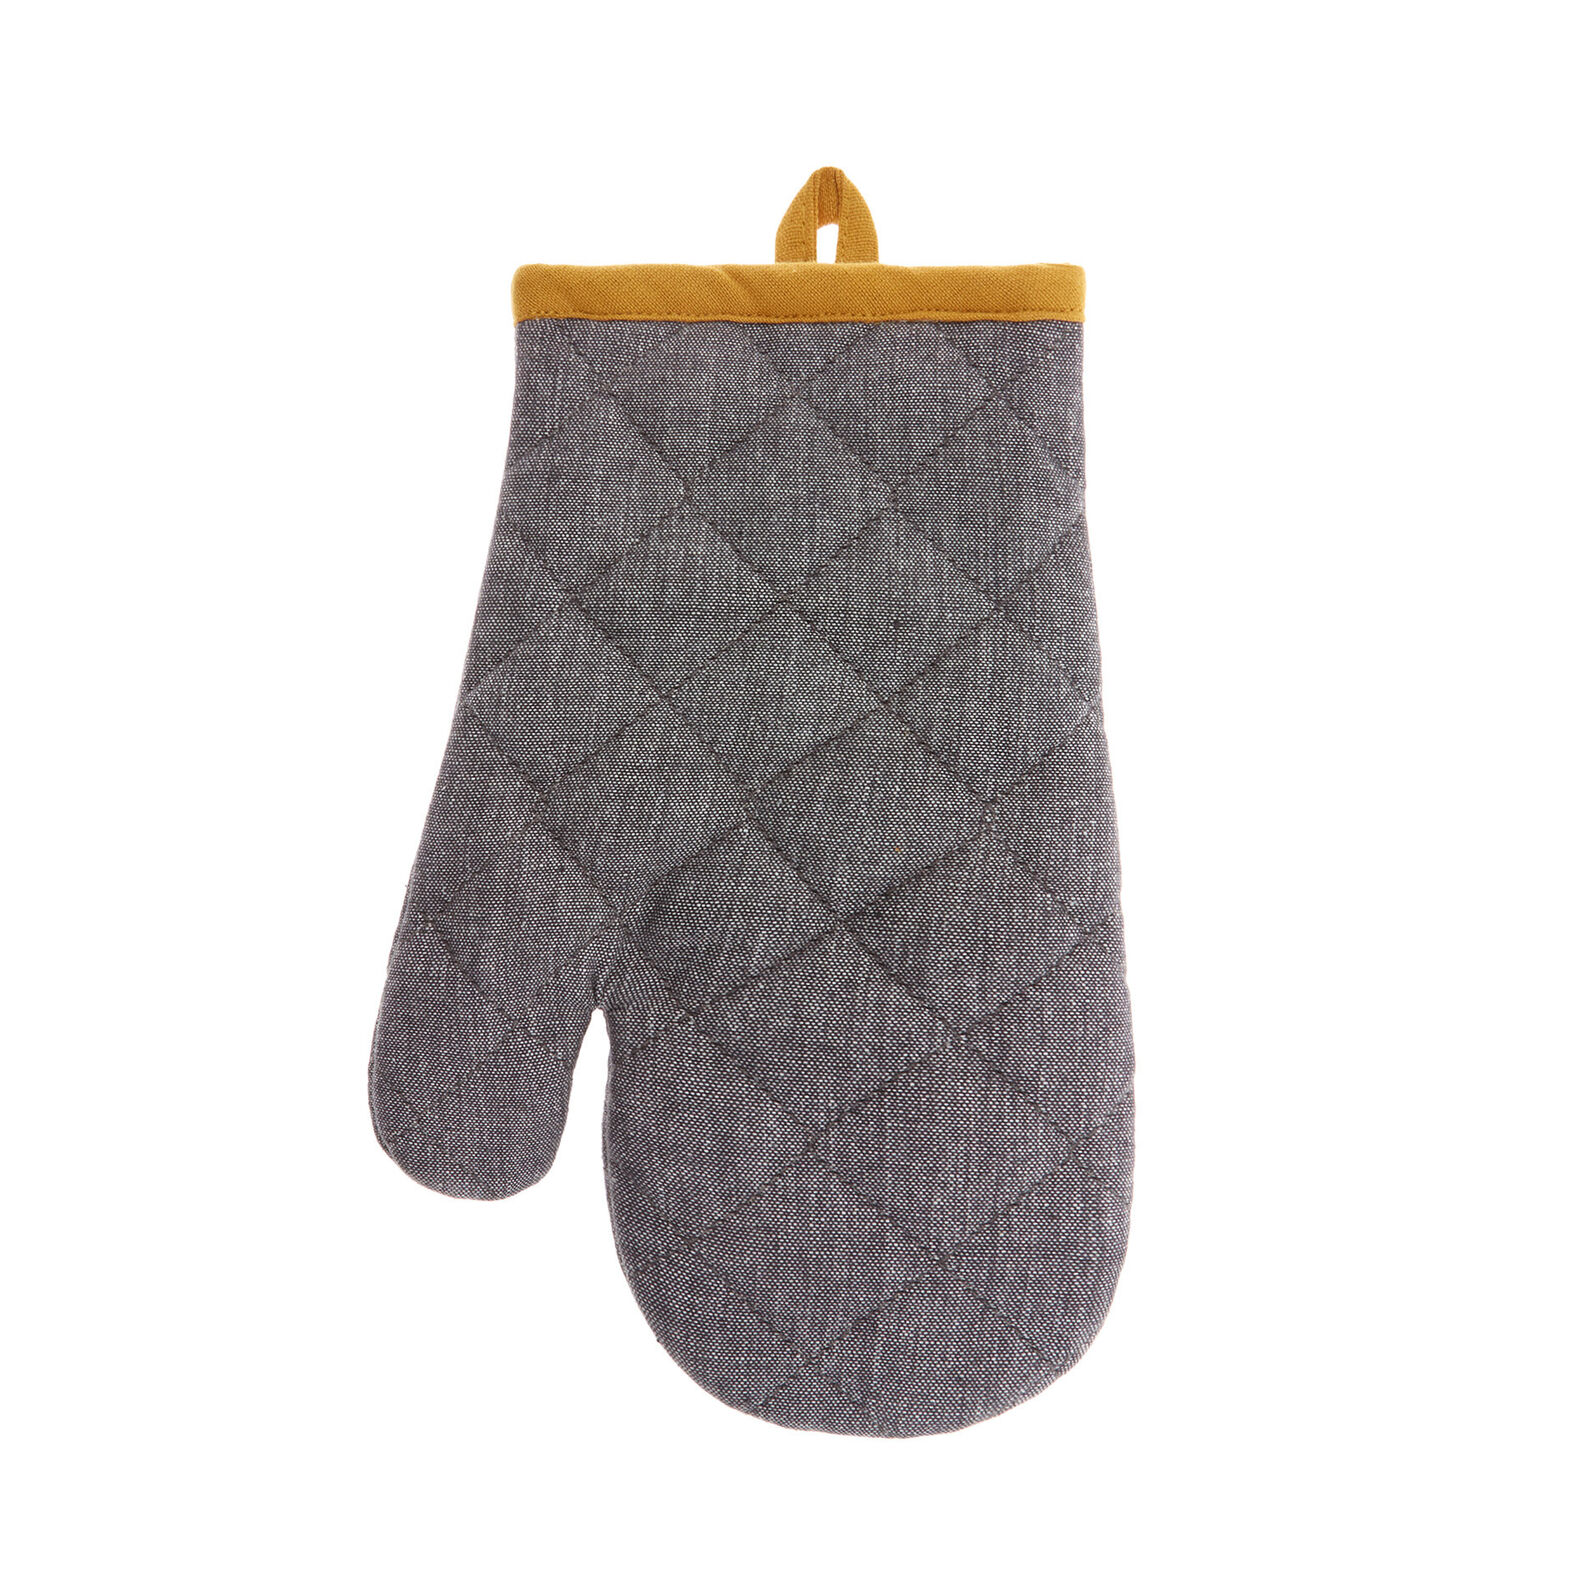 100% cotton mélange oven mitt